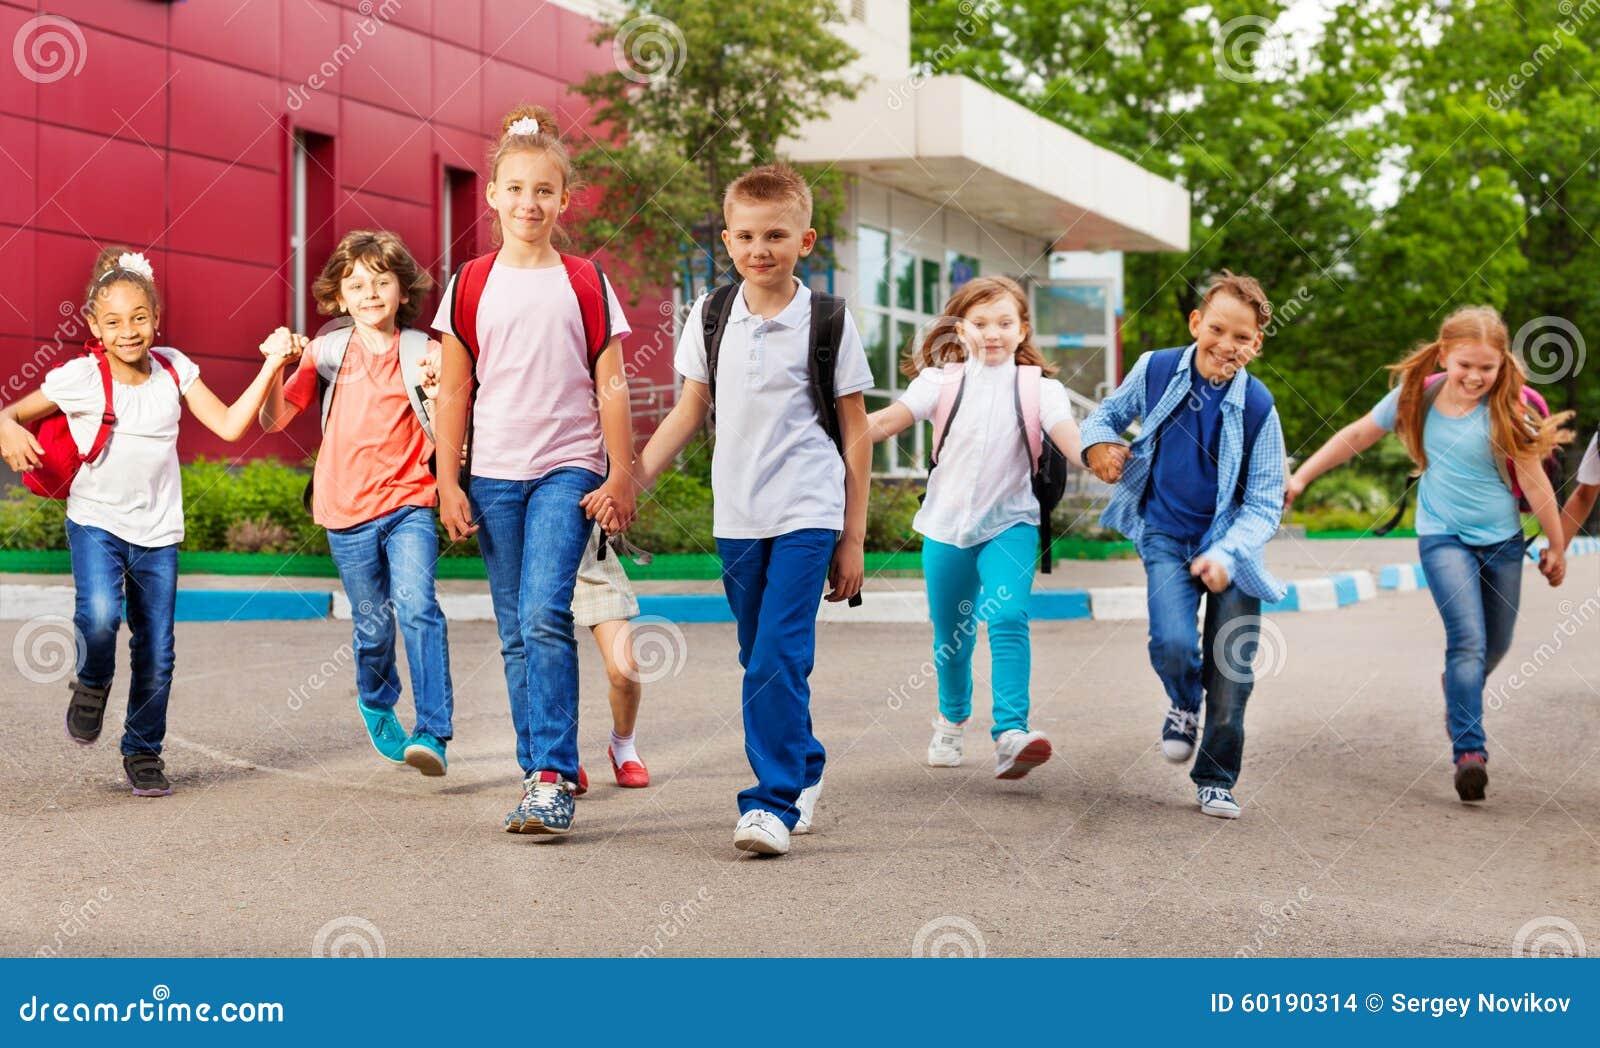 La fila dei bambini felici con le borse si avvicina all edificio scolastico